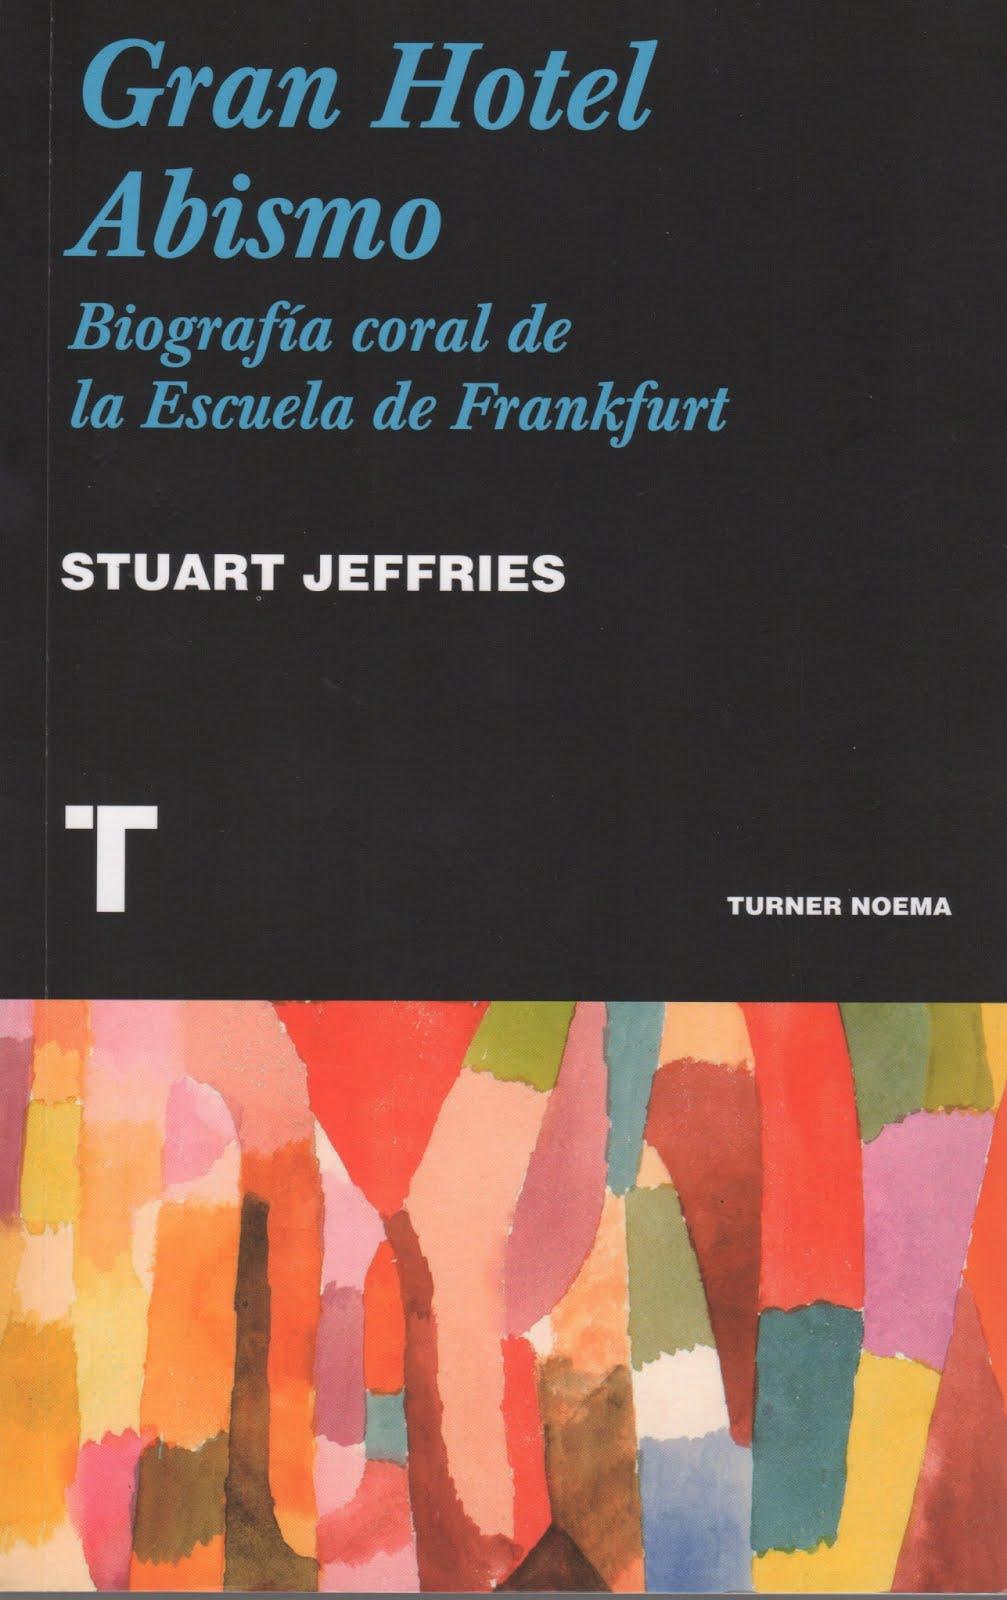 Stuart Jeffries (Gran Hotel Abismo) Biografía coral de la Escuerla de Frankfurt